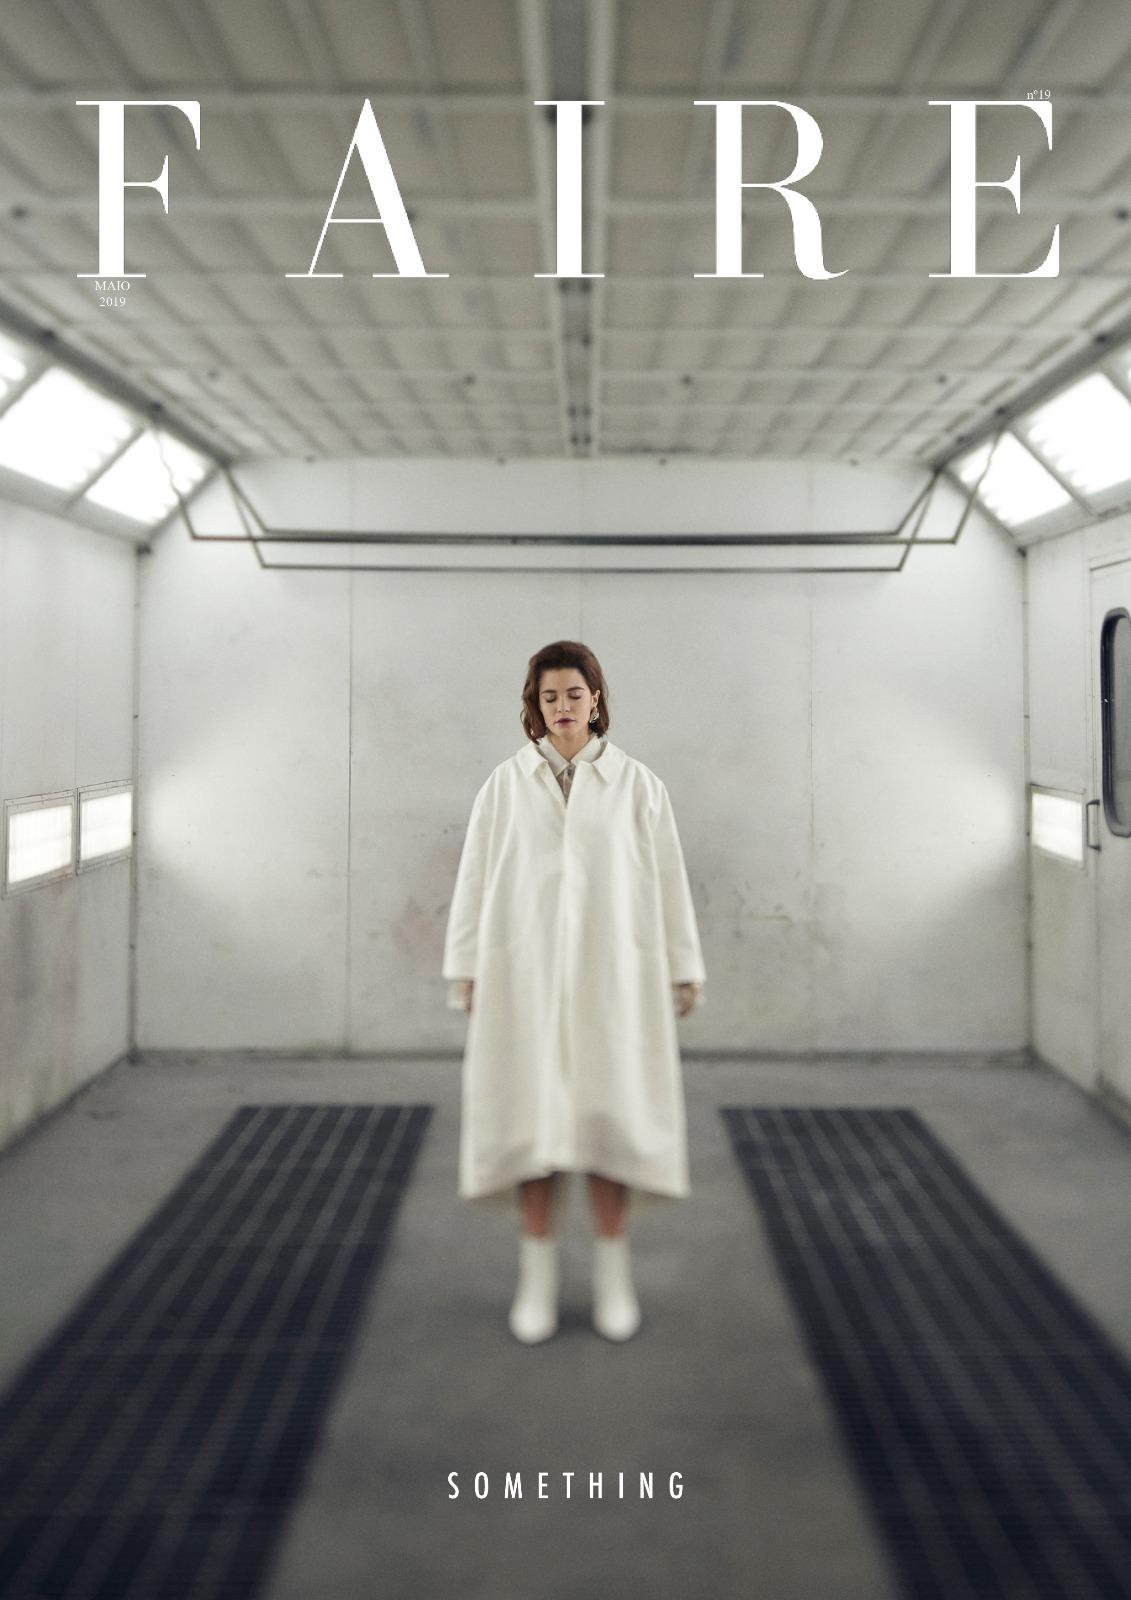 Faire Magazine 2